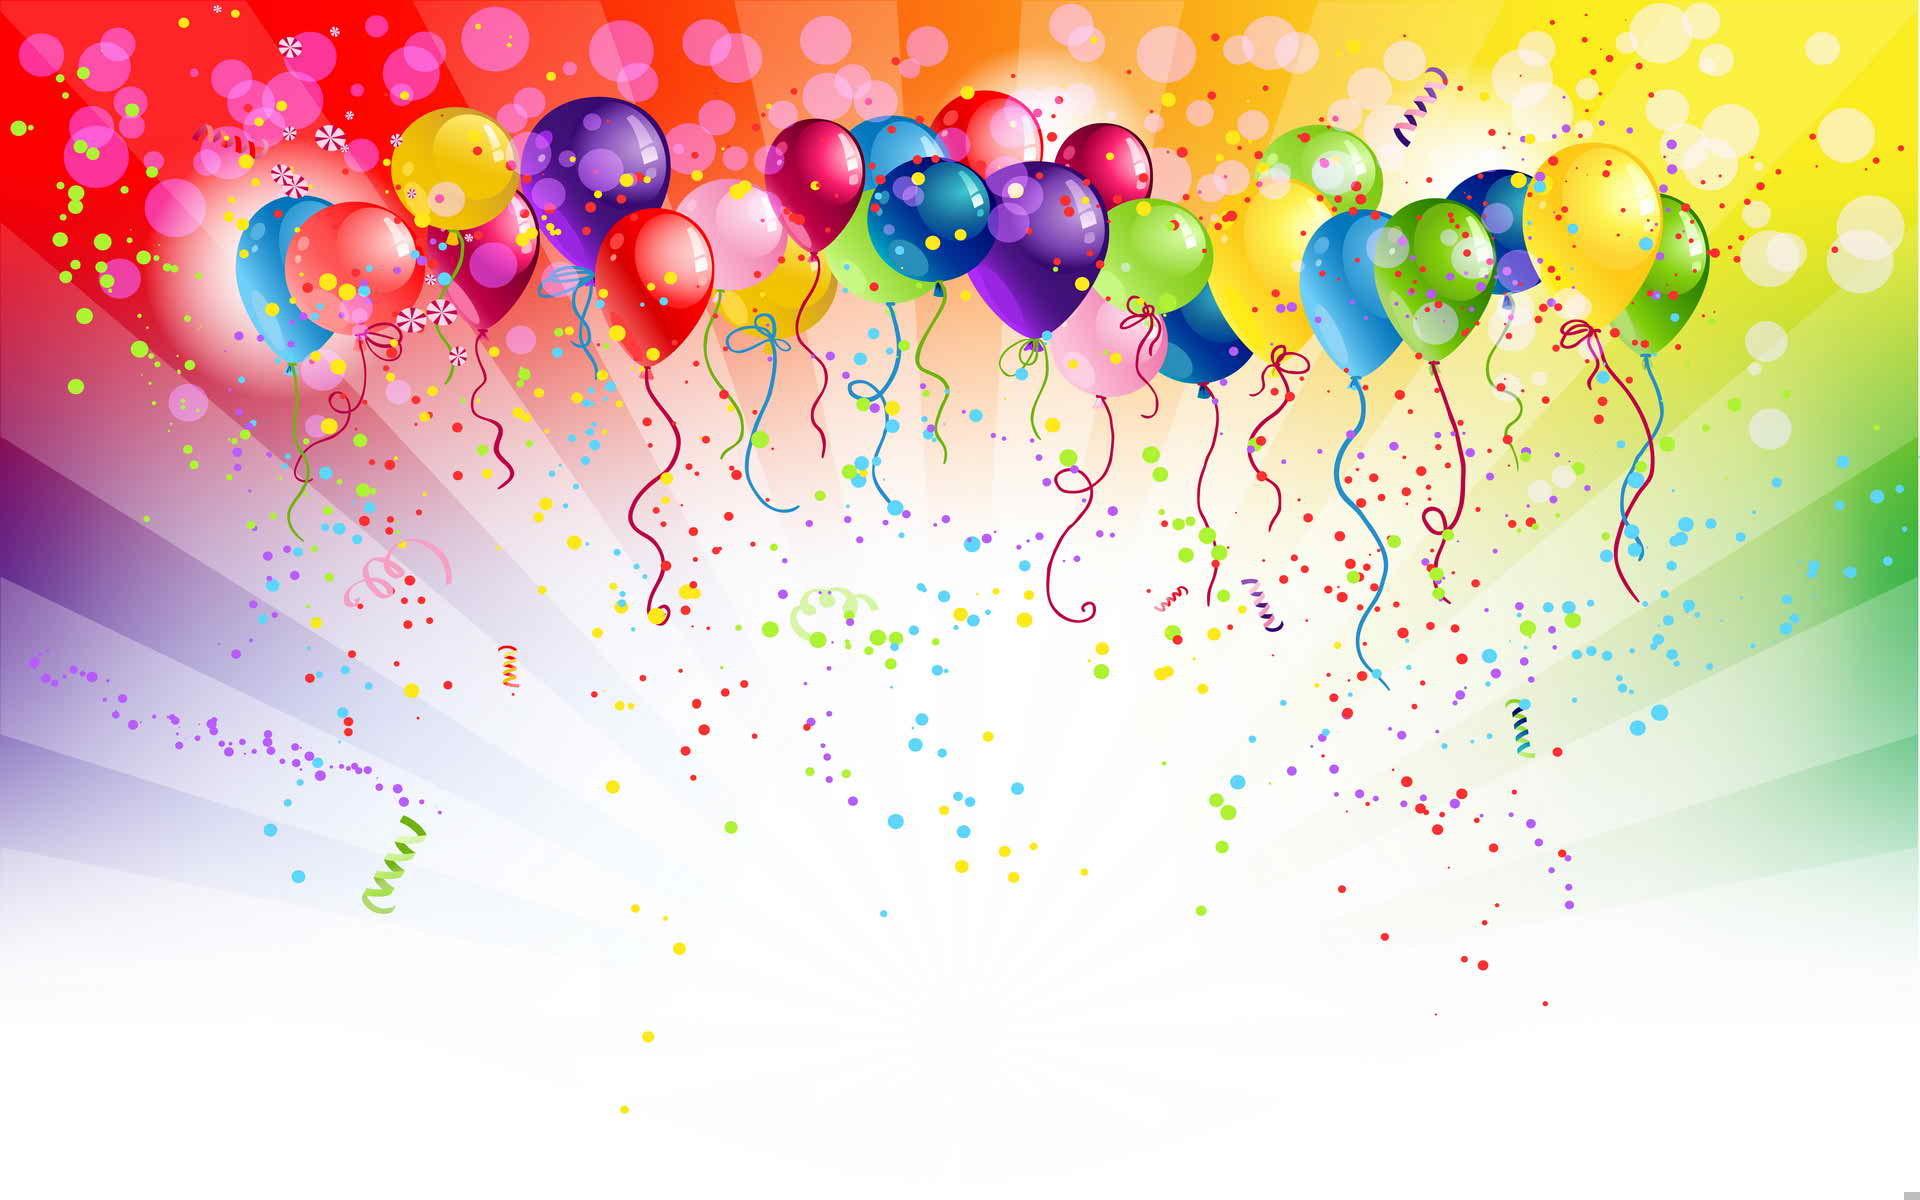 Birthday Card Backgrounds Birthday Card Backgrounds - High